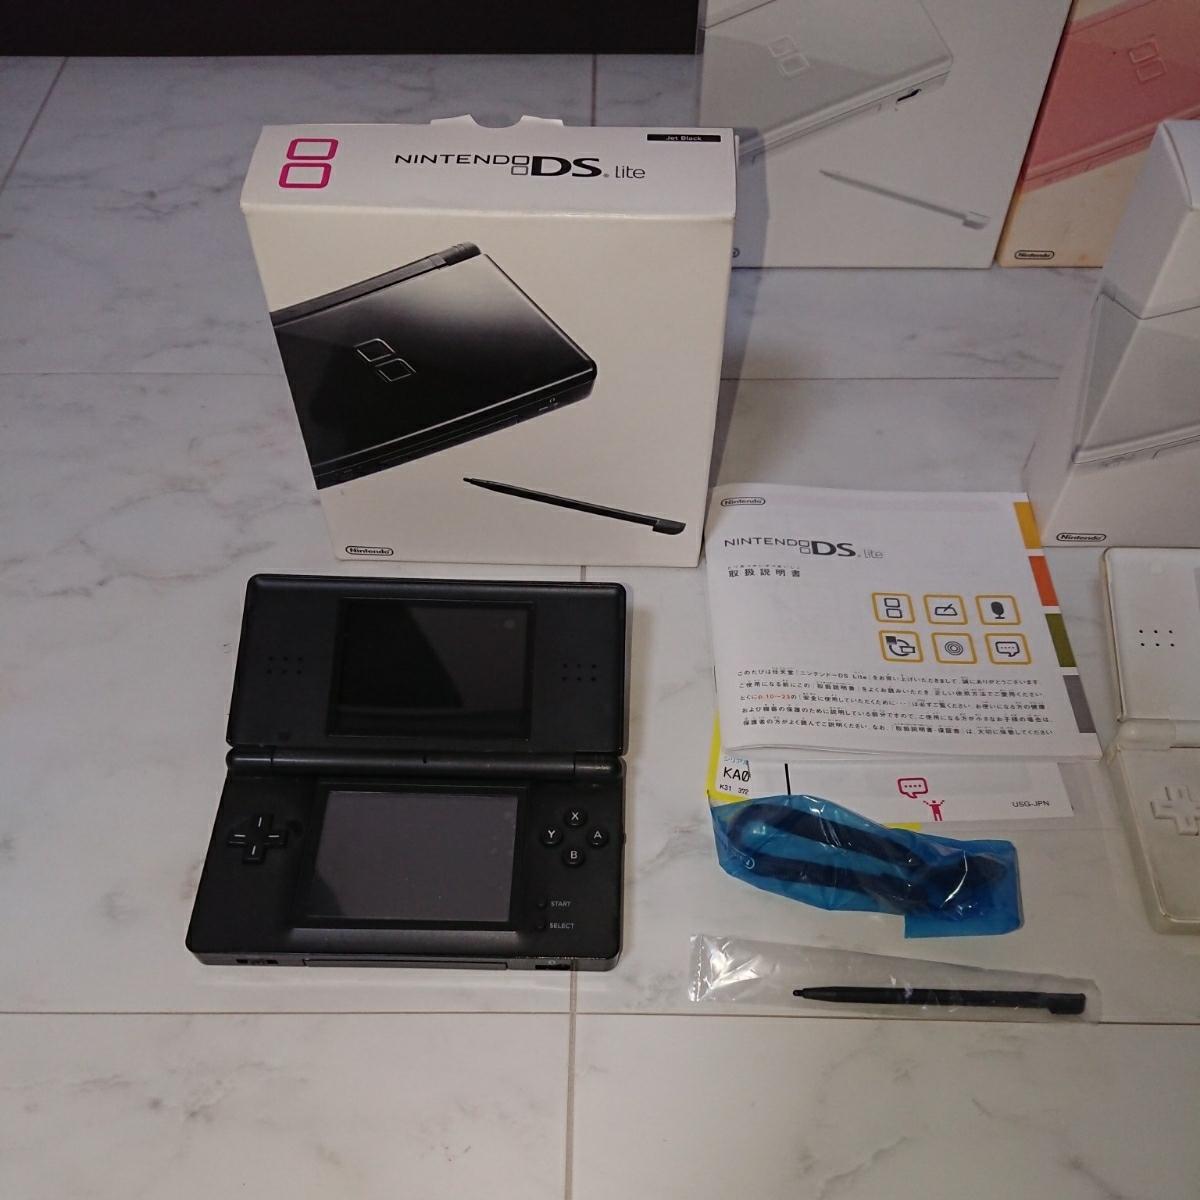 ニンテンドー 携帯ゲーム機 動作未確認ジャンク品まとめ売り 16台 DSLiteなど_画像4